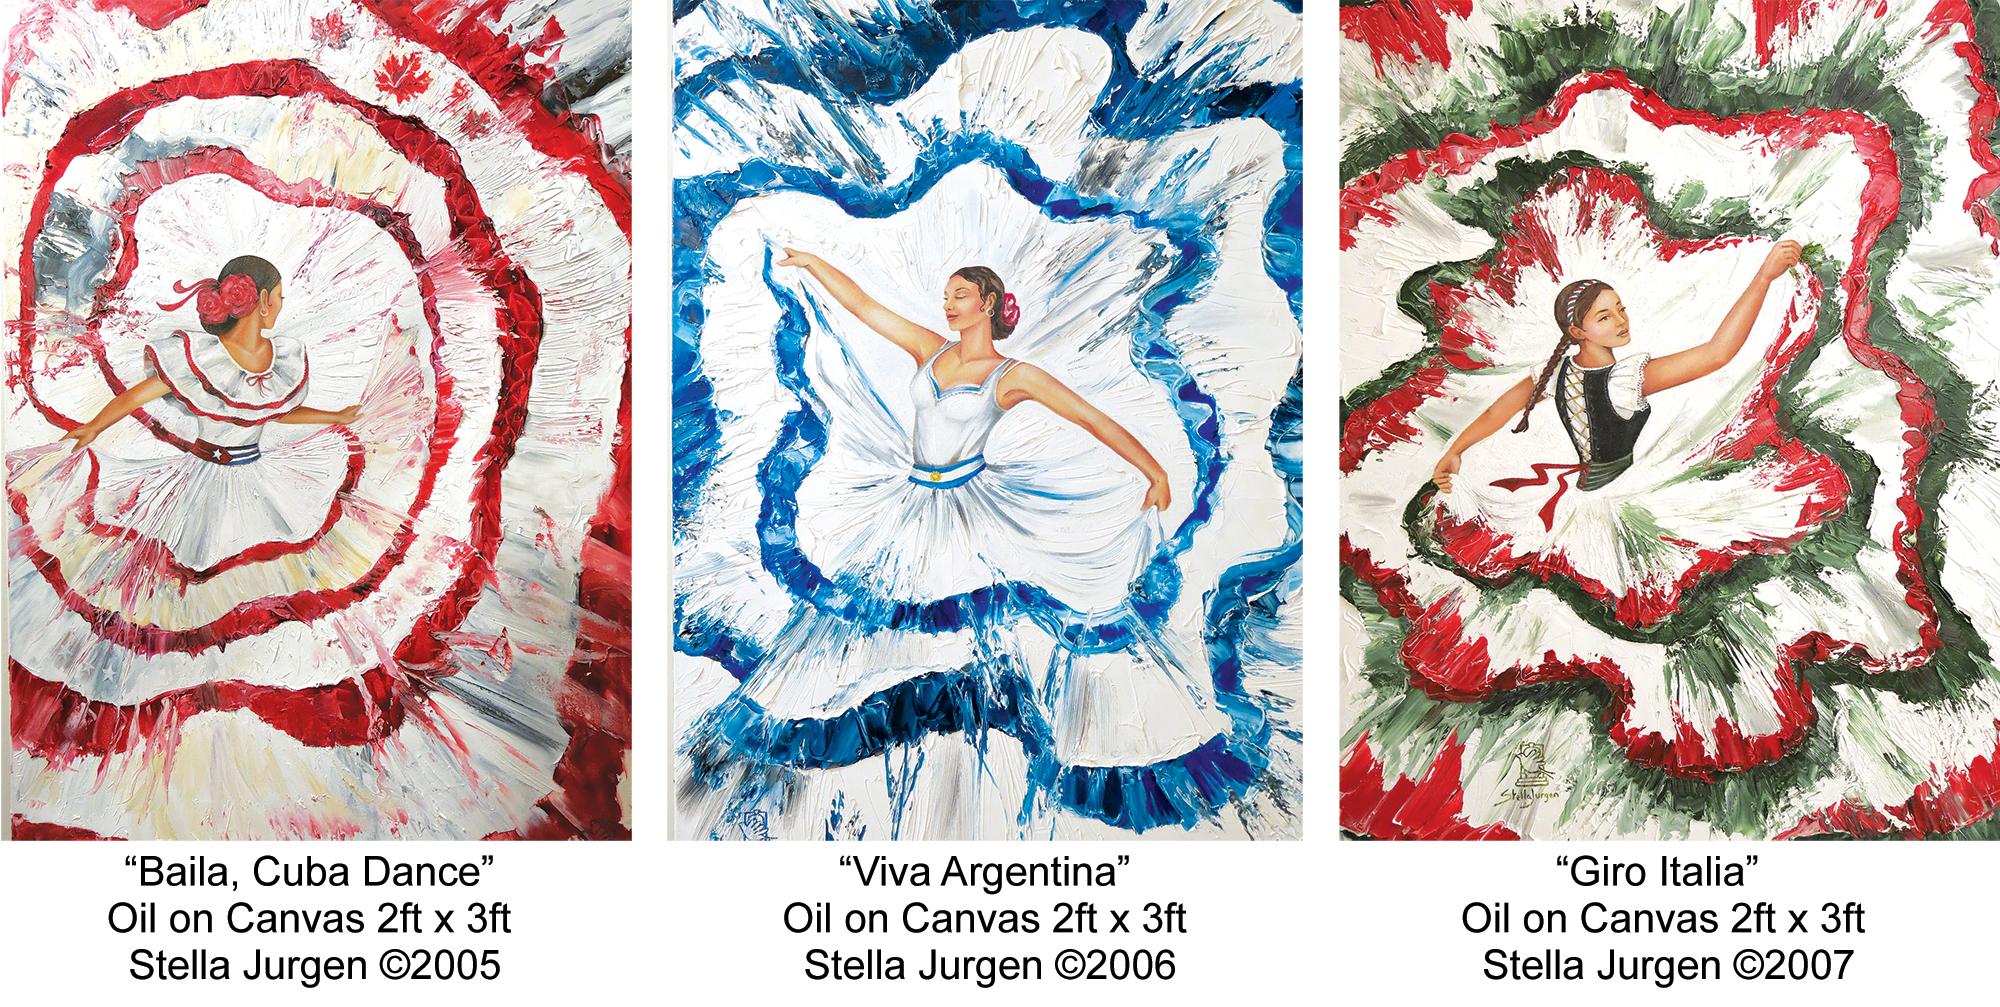 Stella-Jurgen-3-dancers-oilcanvas